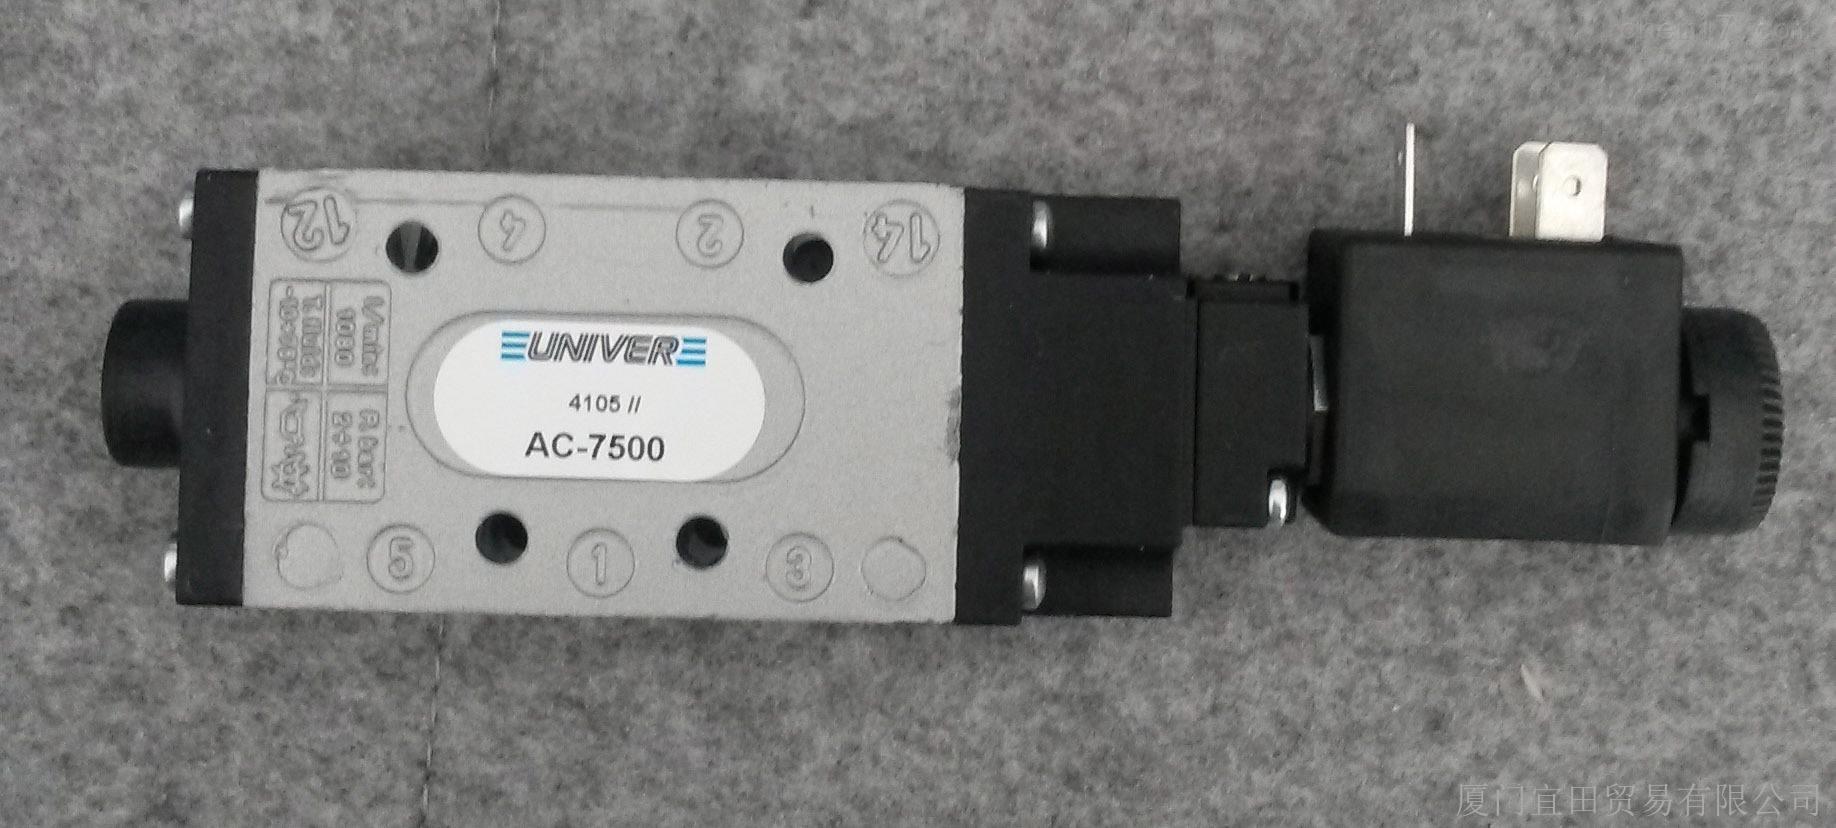 UNIVER电磁阀AC-7500原装有现货